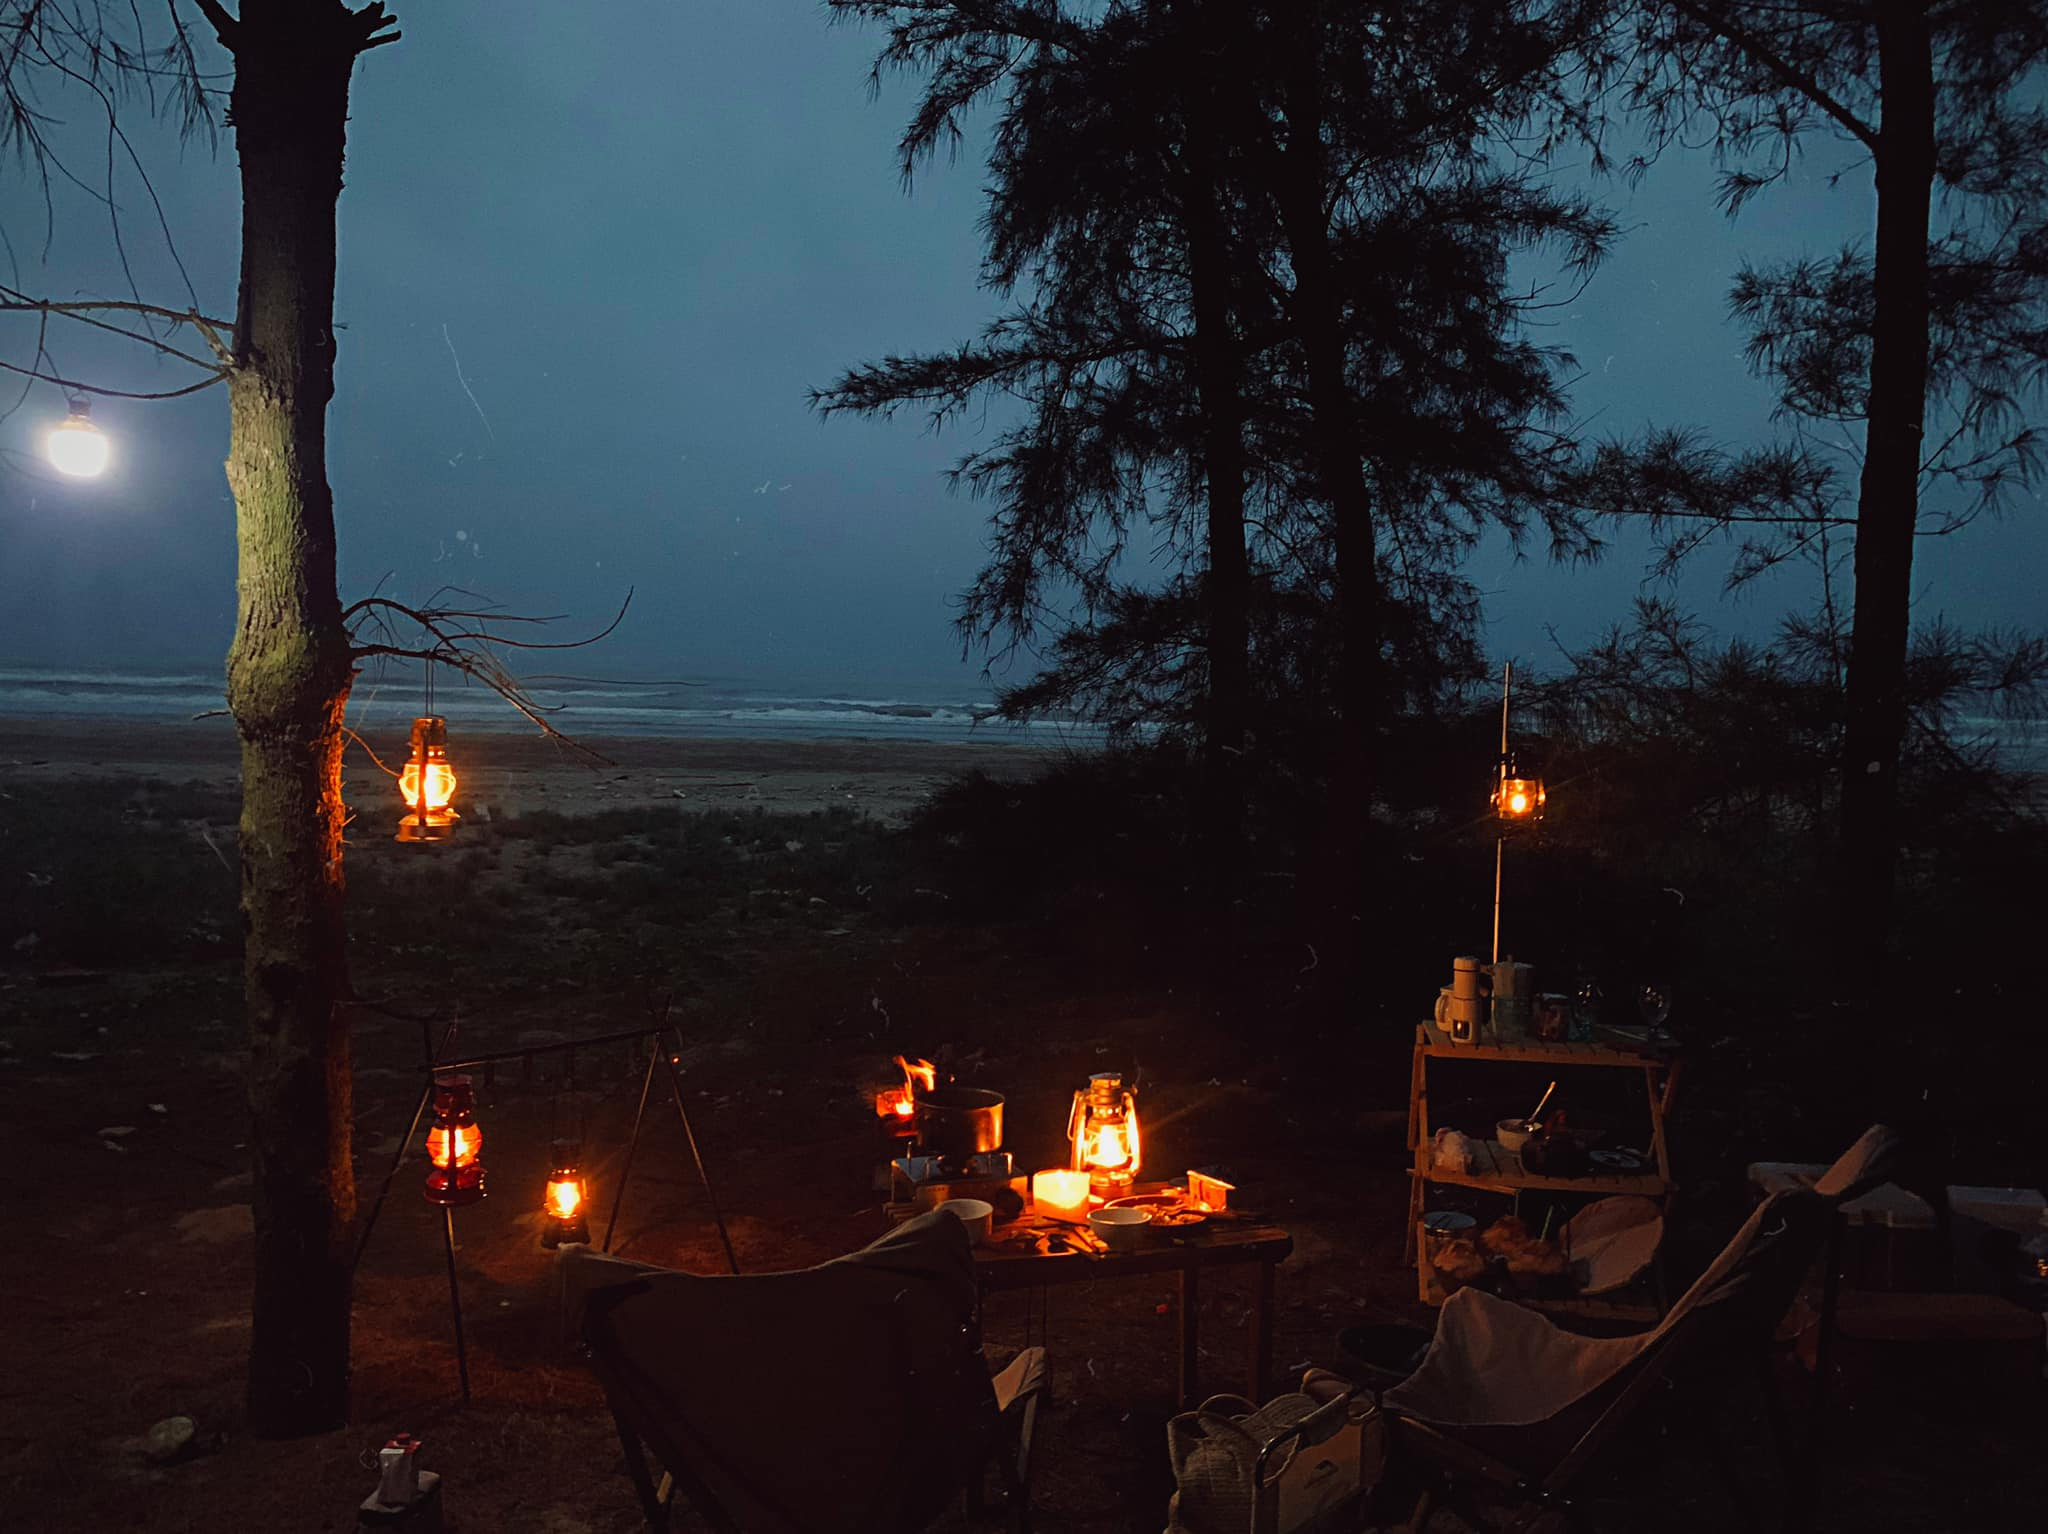 Muốn đi cắm trại từ núi non đến ven biển trong phạm vi 300km, chẳng thể bỏ lỡ những địa danh vô cùng đẹp, các camper nên chinh phục 1 lần - Ảnh 13.